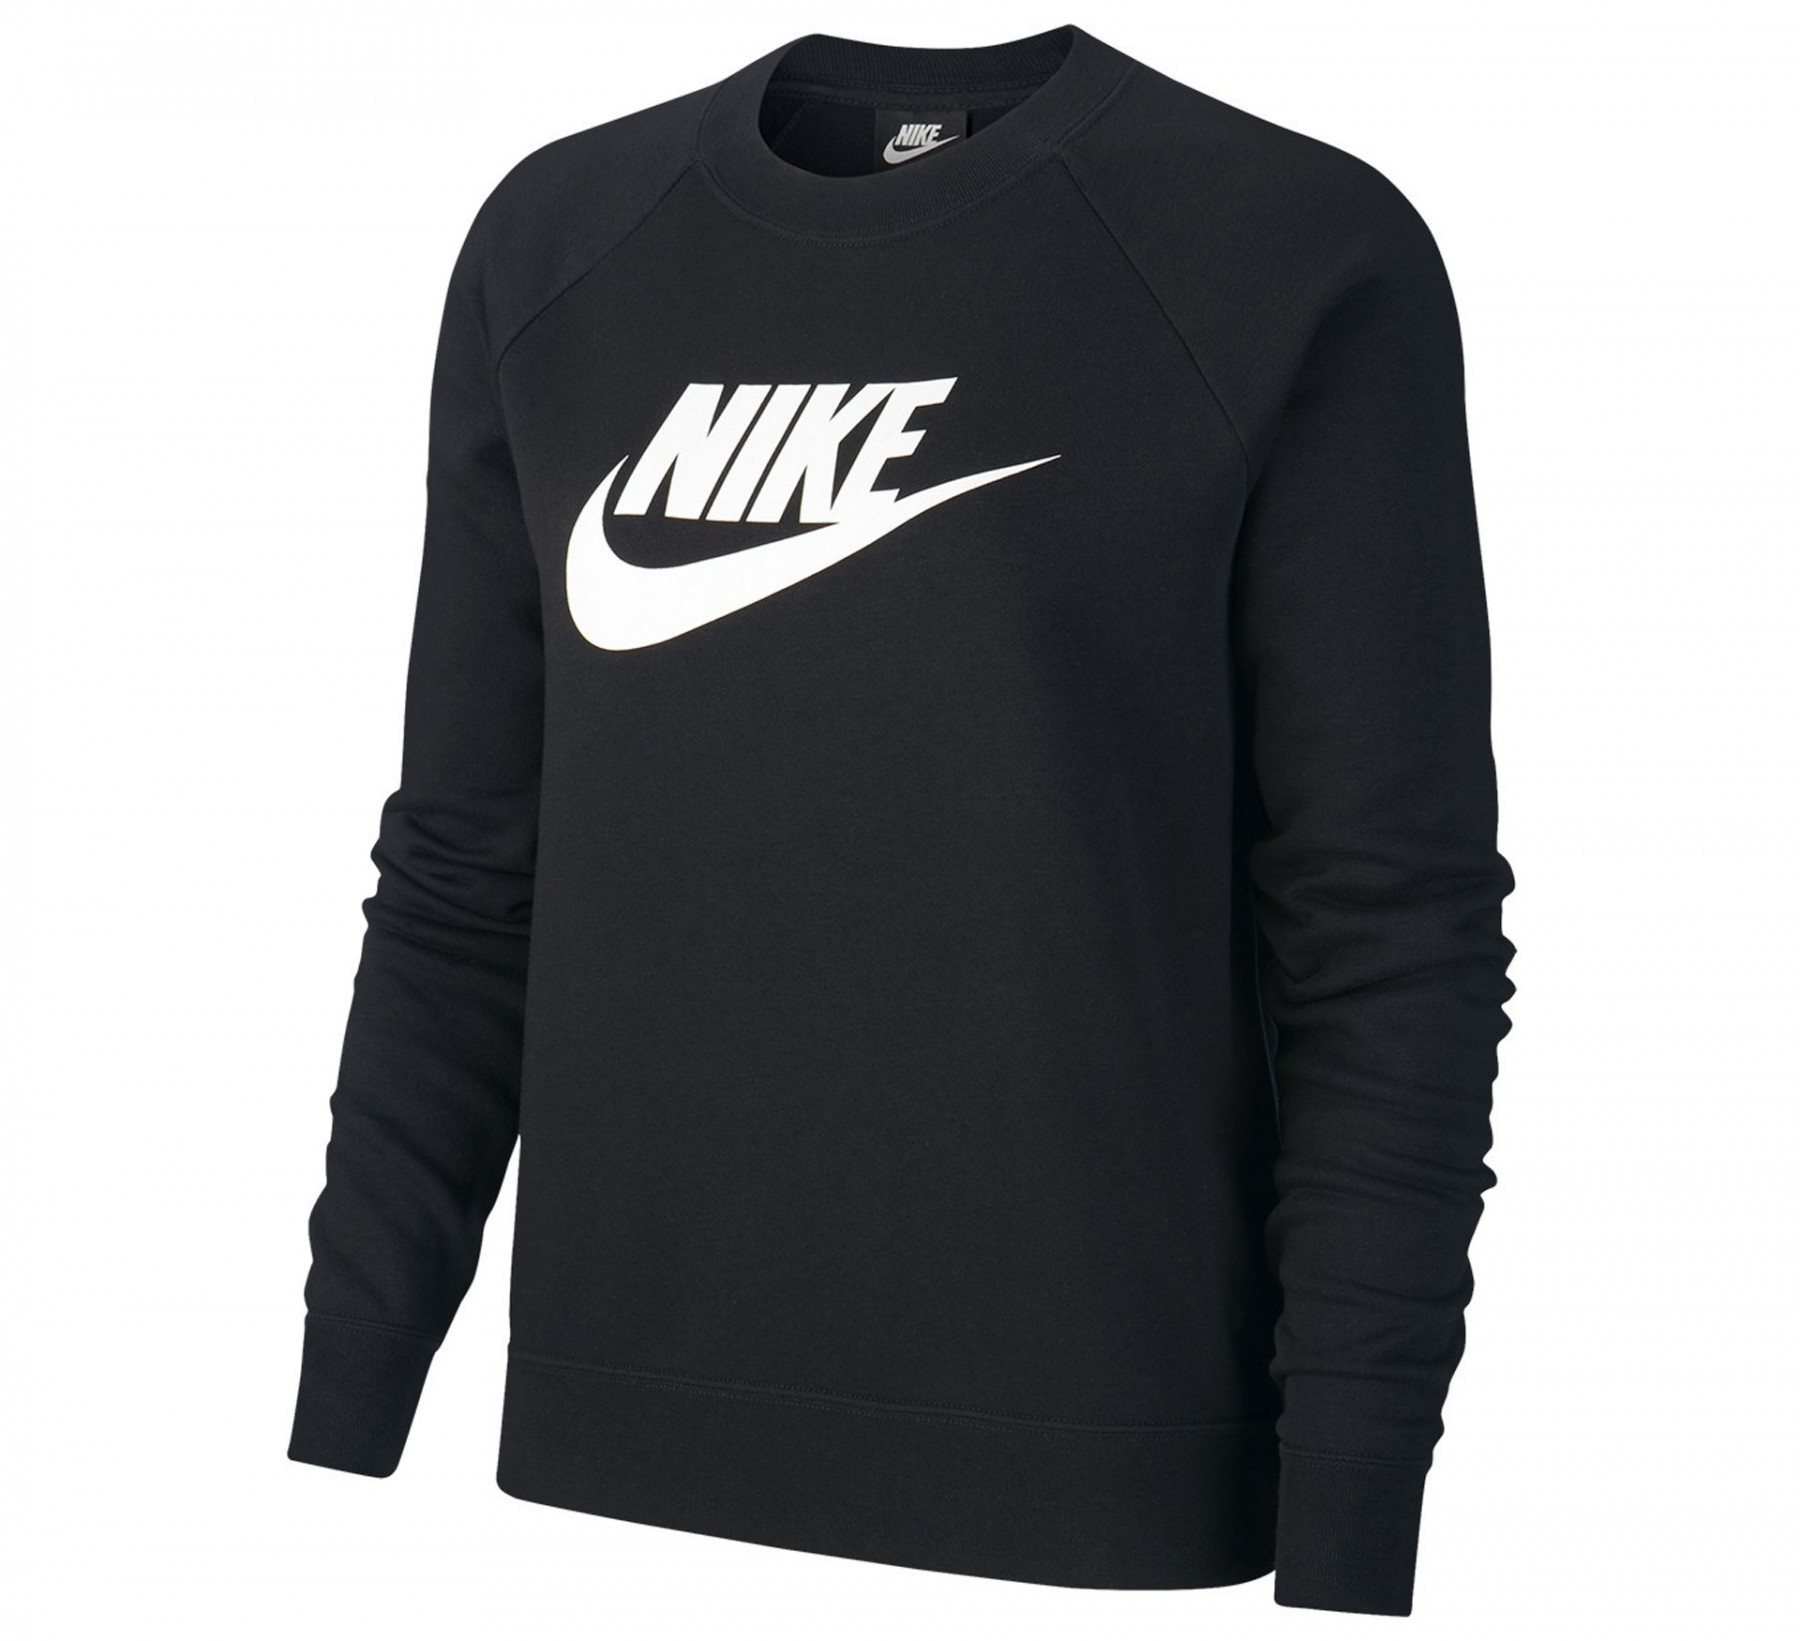 Nike Sportswear essential vrouwen sweater